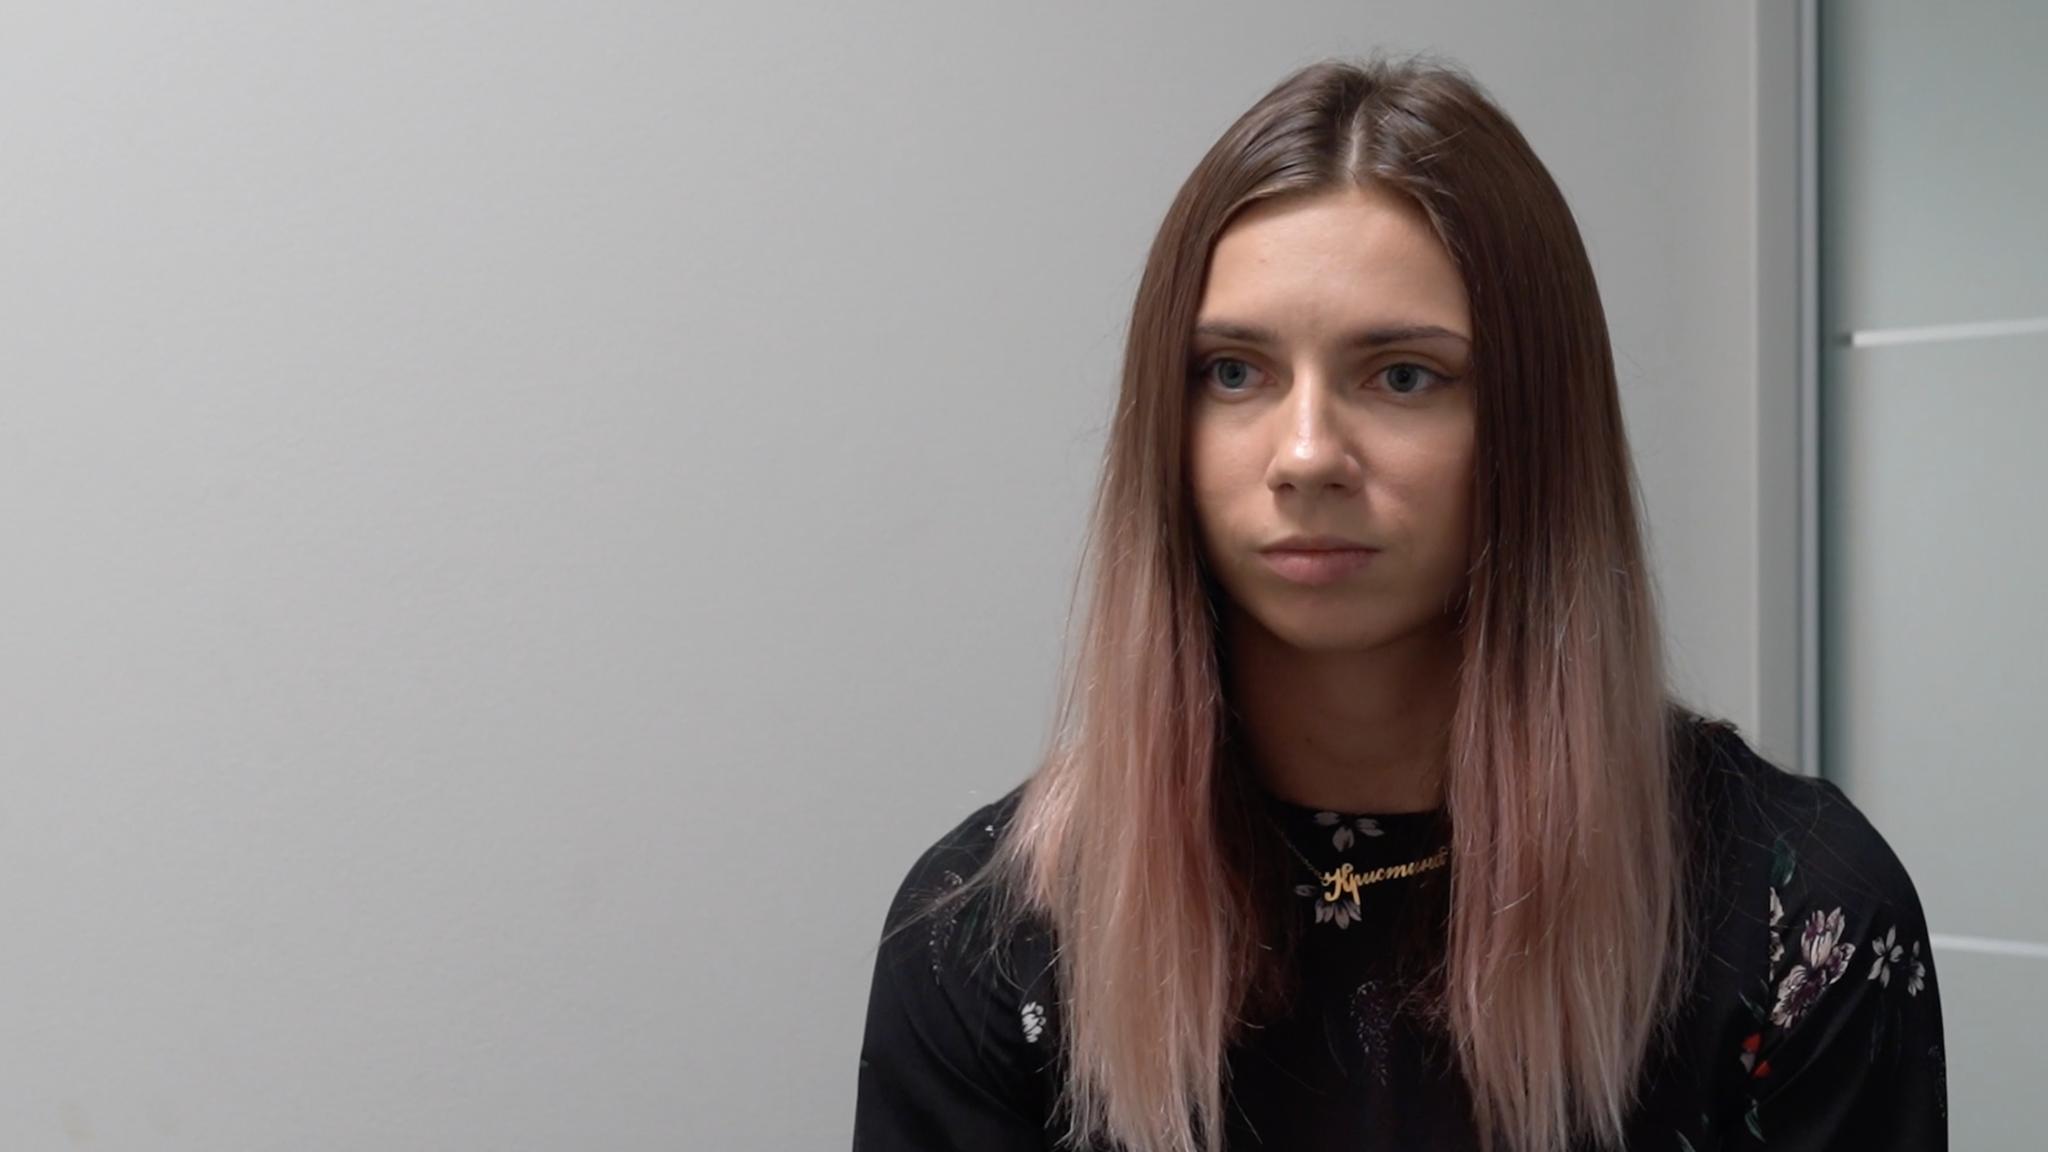 Тимановская пока не решила, будет ли просить убежище в Польше